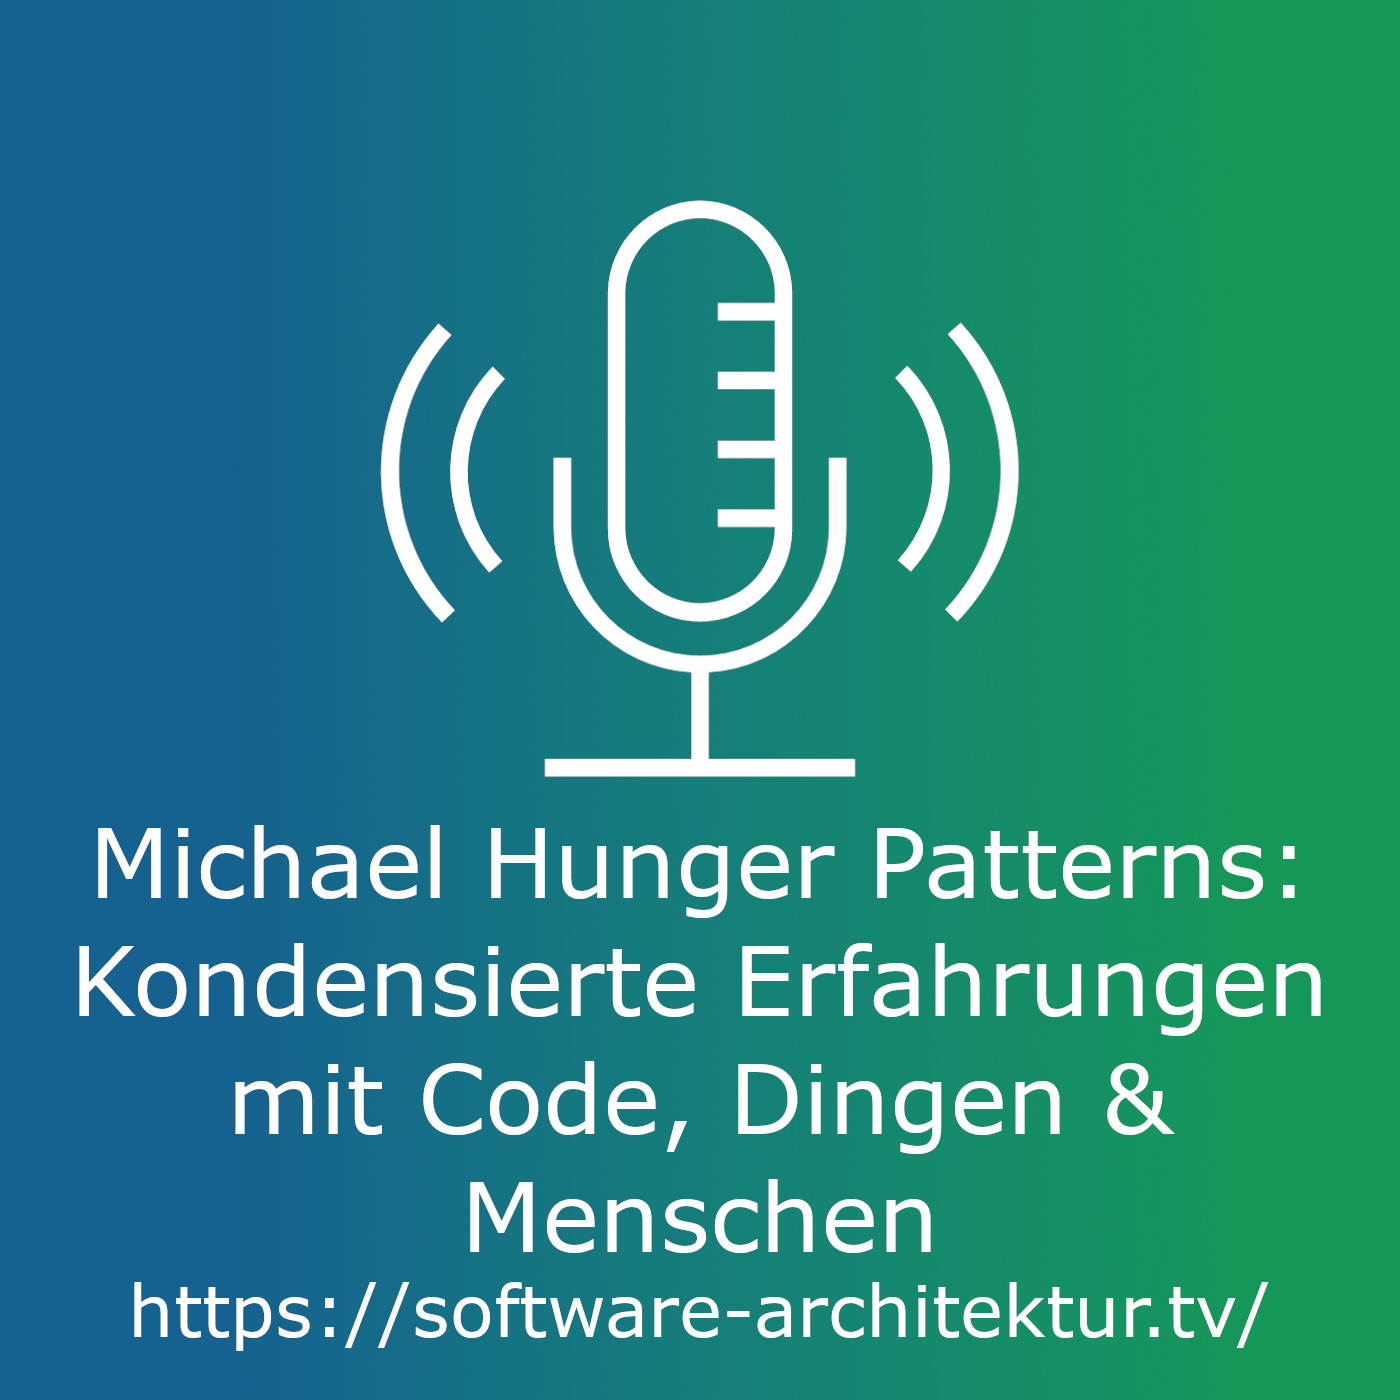 Patterns - Kondensierte Erfahrungen mit Code, Dingen und Menschen mit Michael Hunger